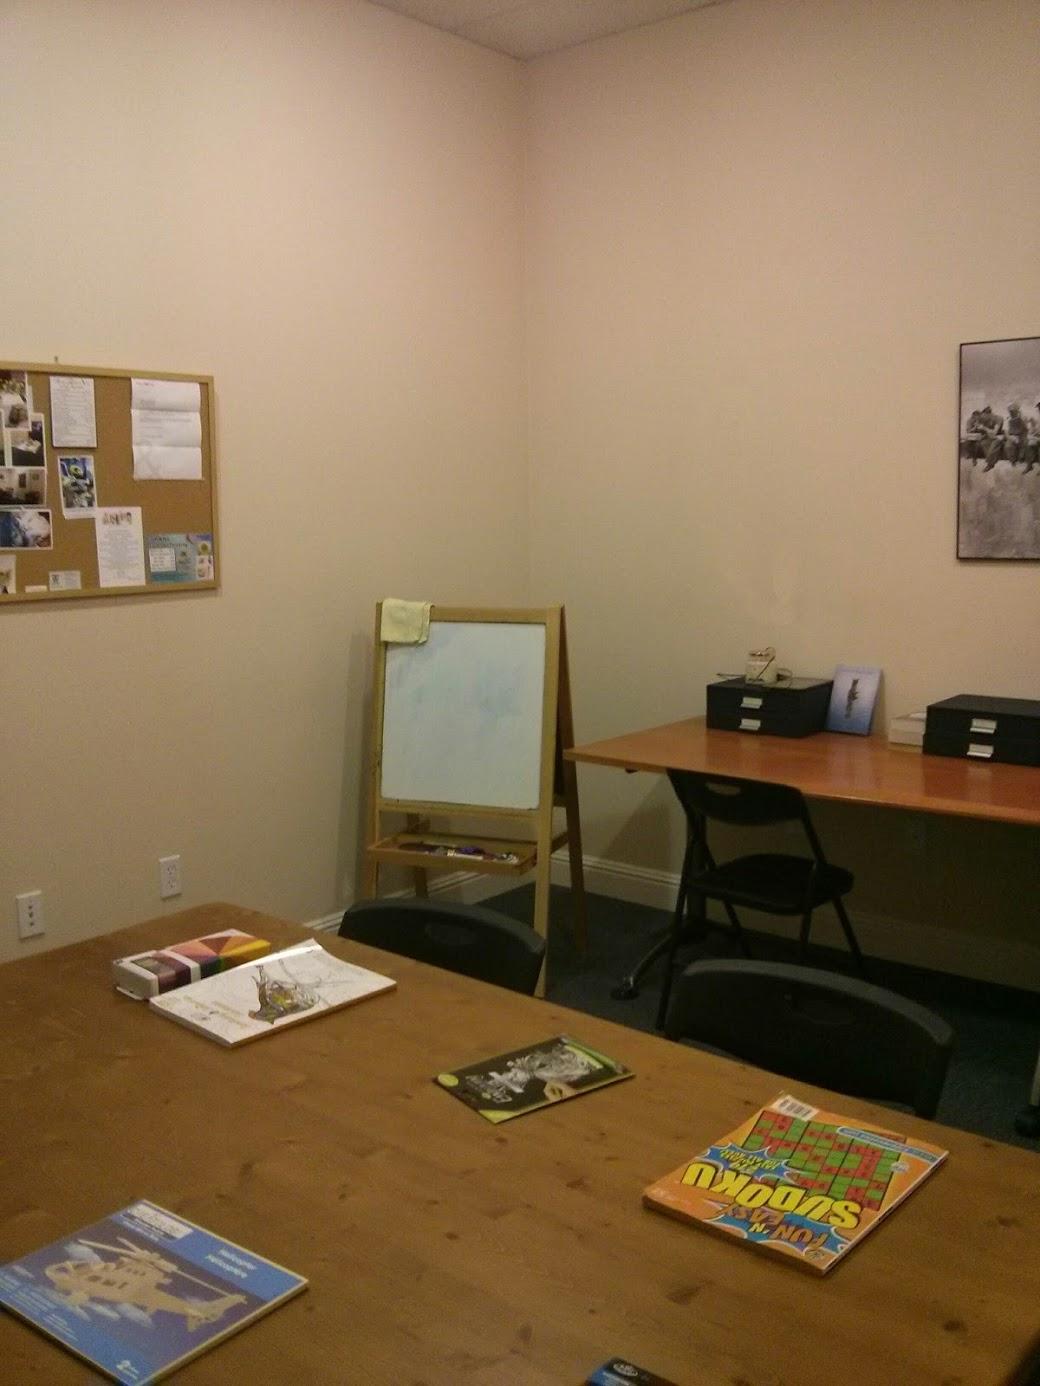 Ciel's Study Space